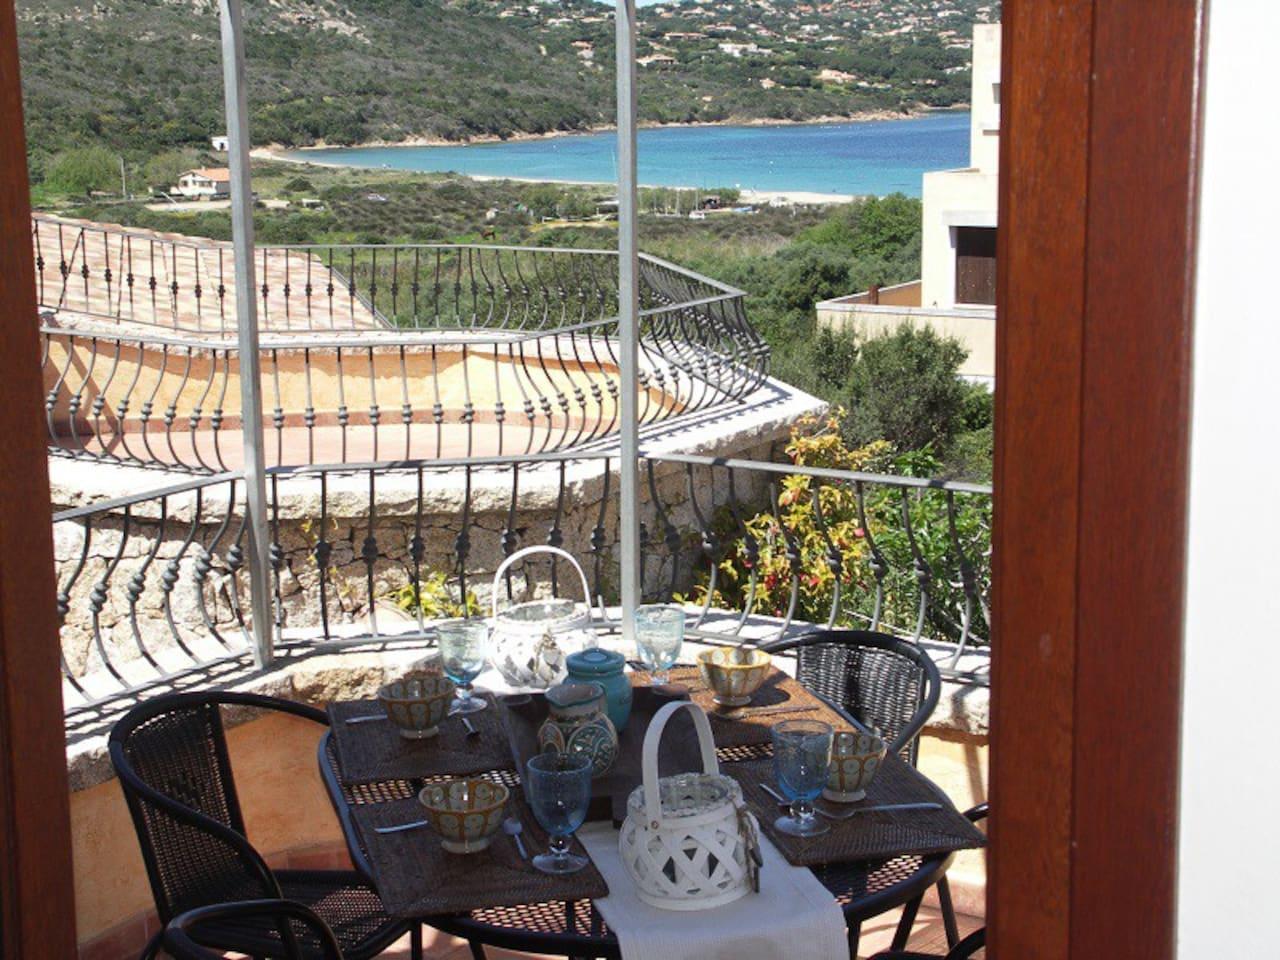 veranda con vista spiaggia/mare con tavolo pranzo/cena